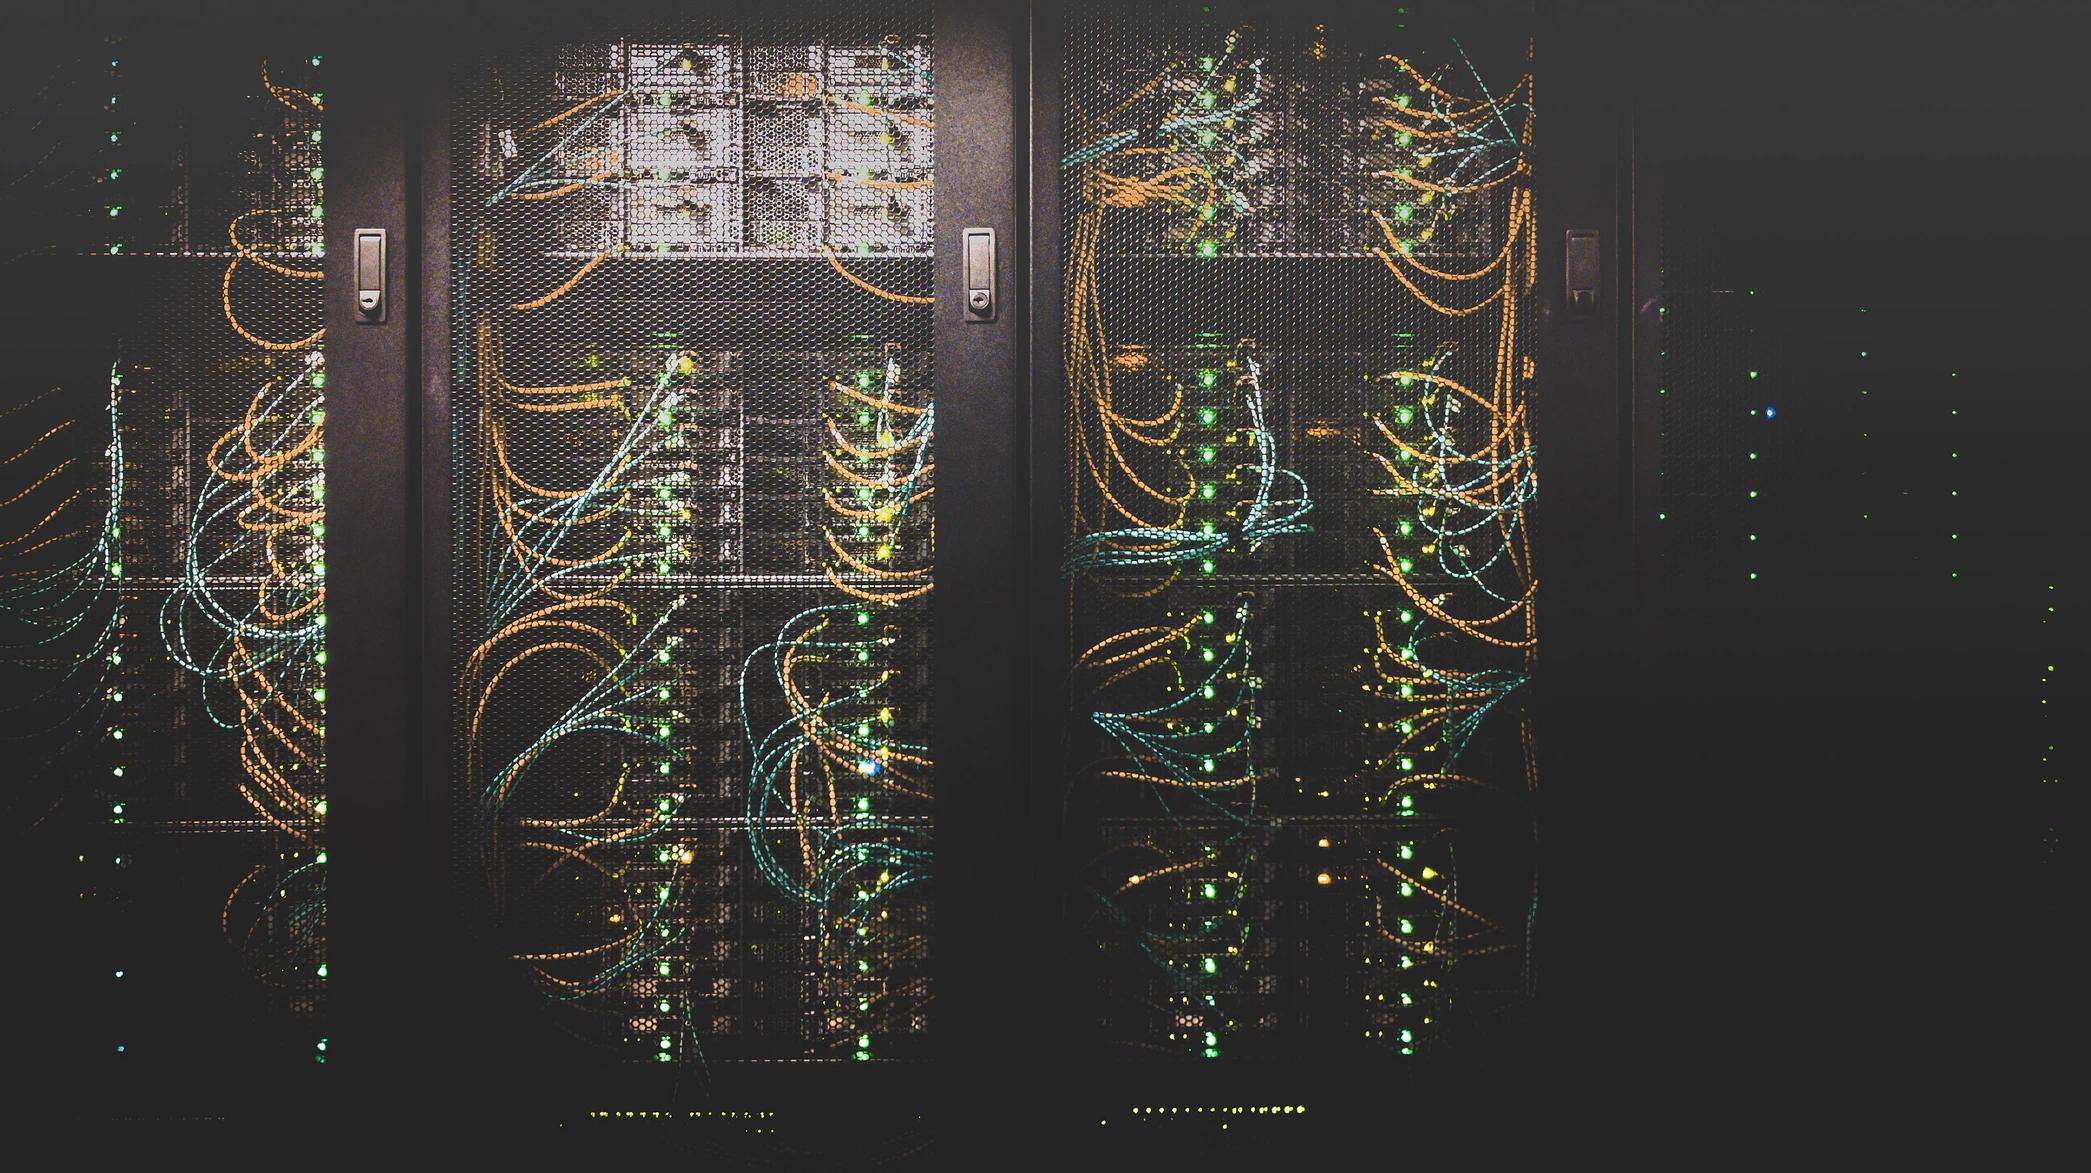 Image of server racks by Taylor Vick (Unsplash @tvick)